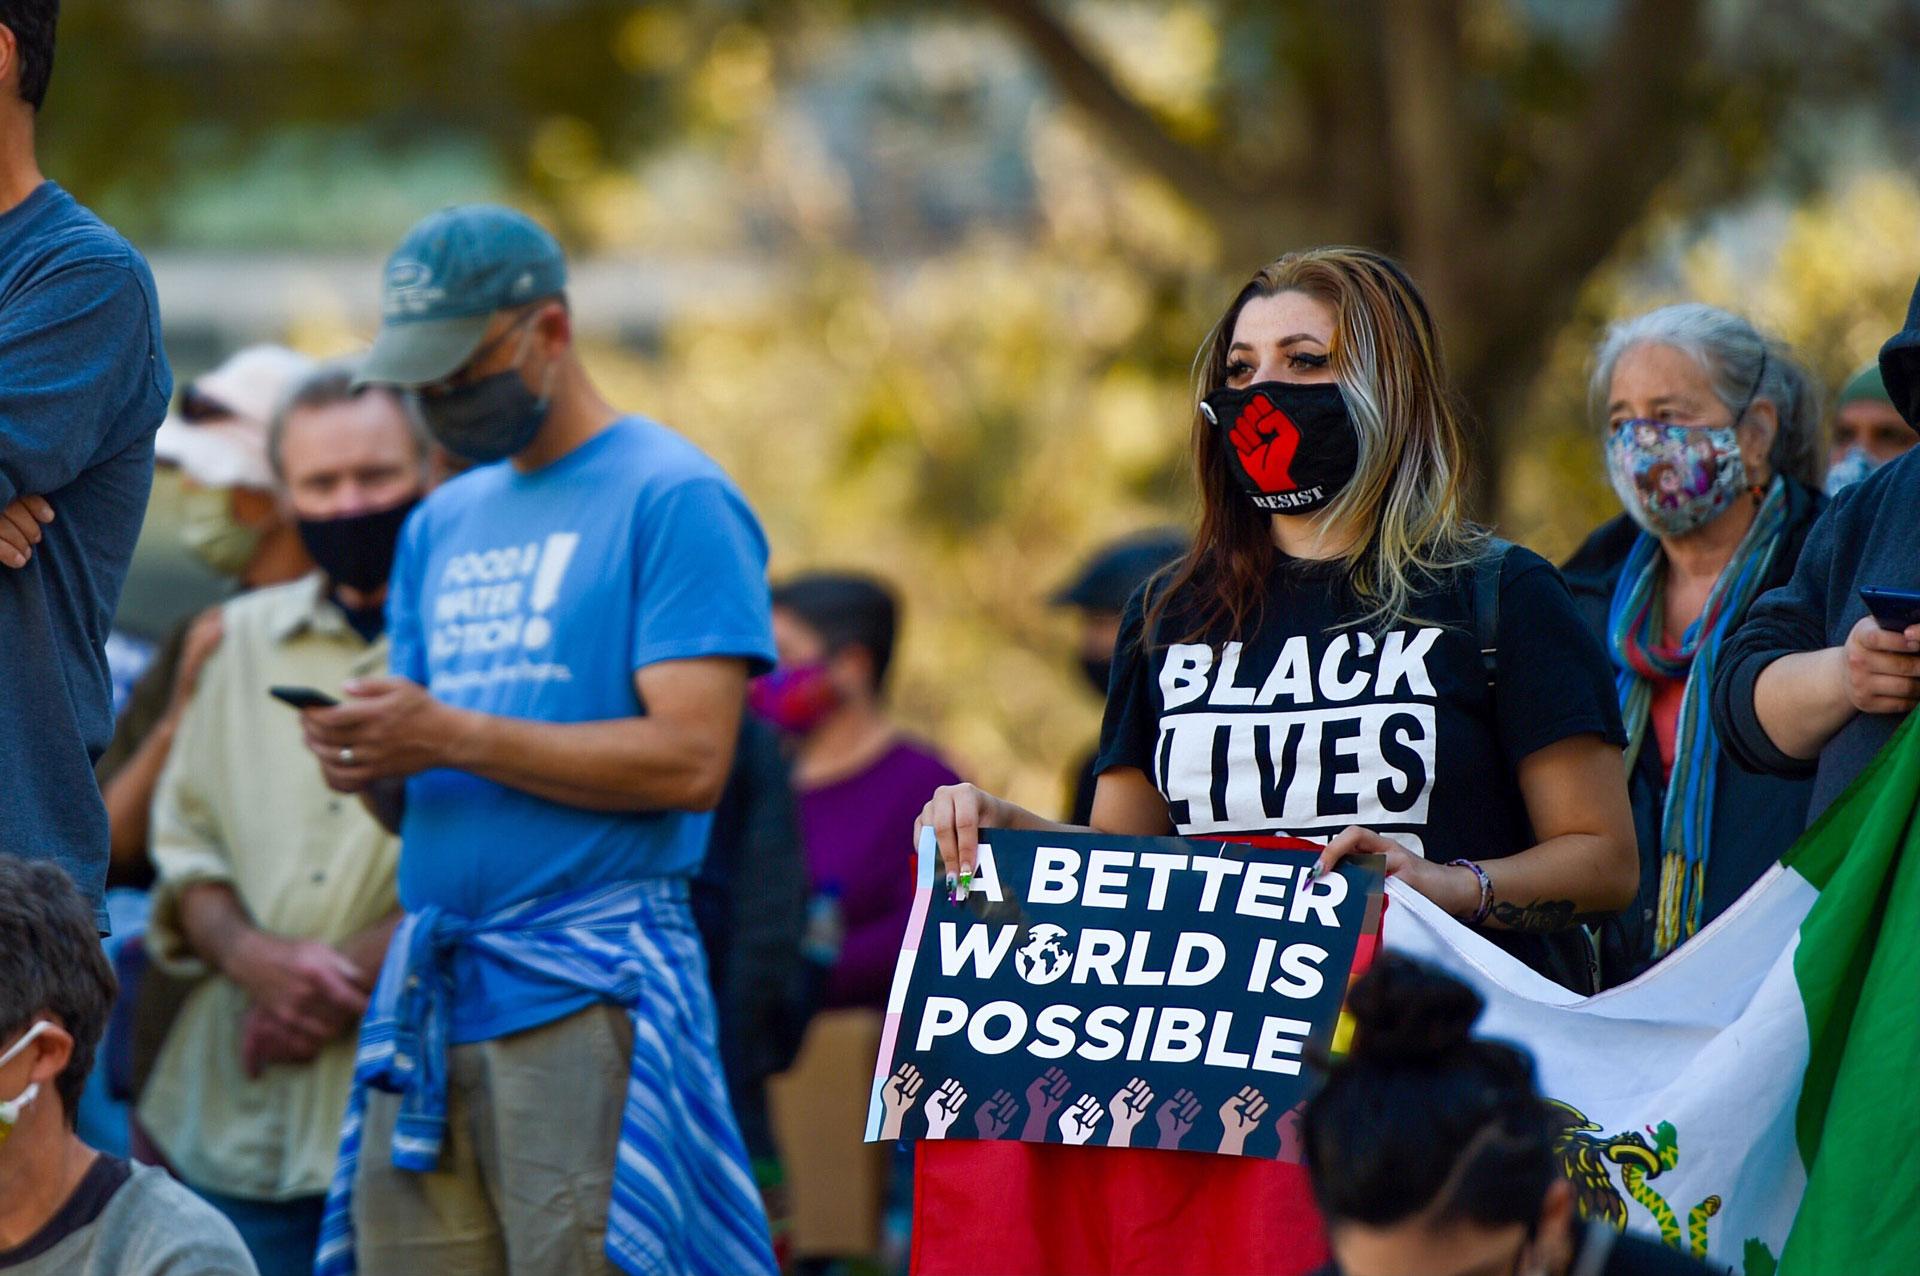 Oakland demonstrator